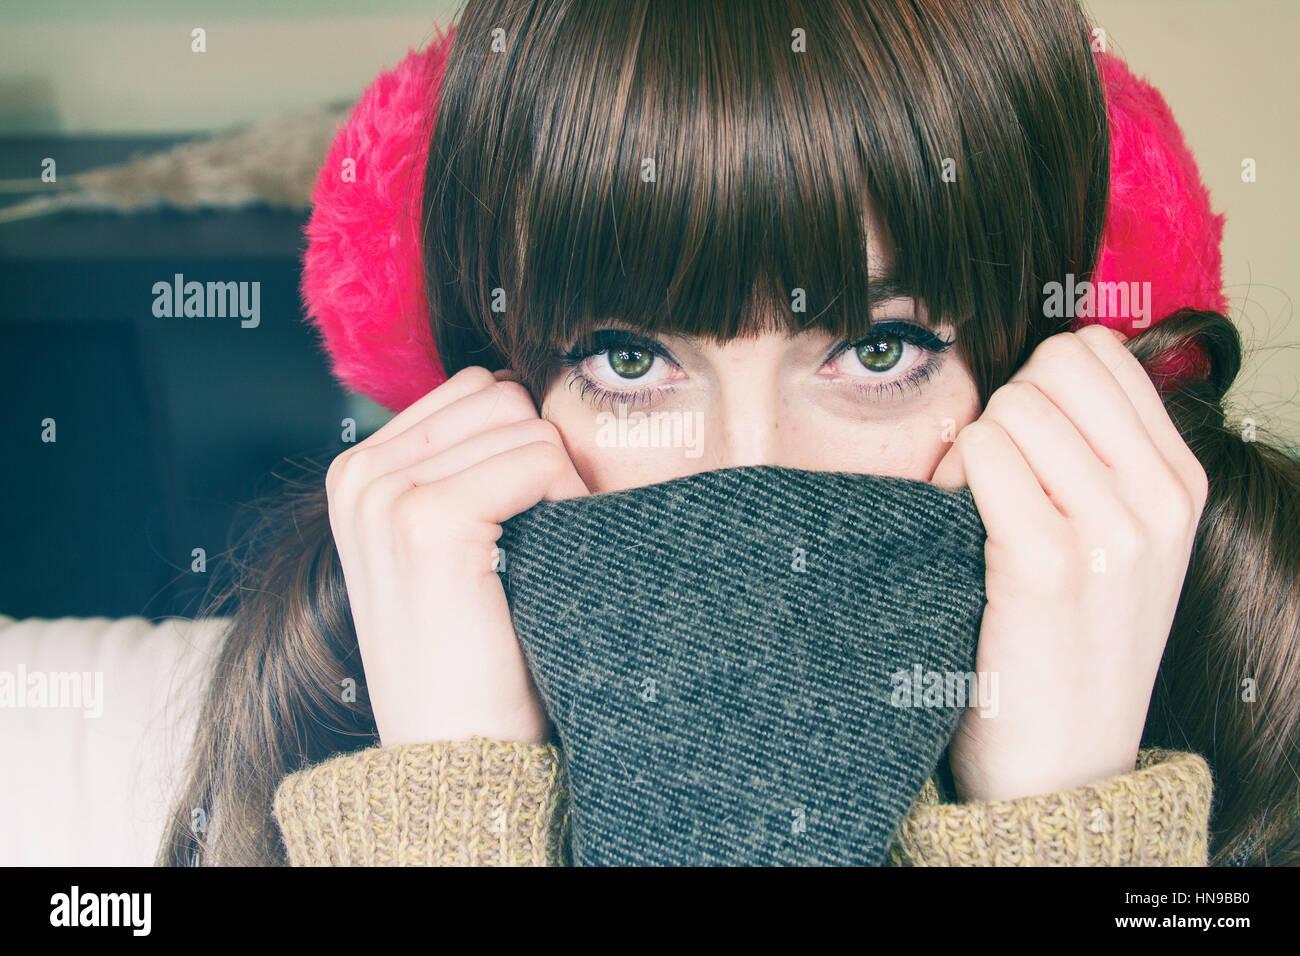 Ritratto di una giovane e bella donna con abbigliamento invernale Immagini Stock